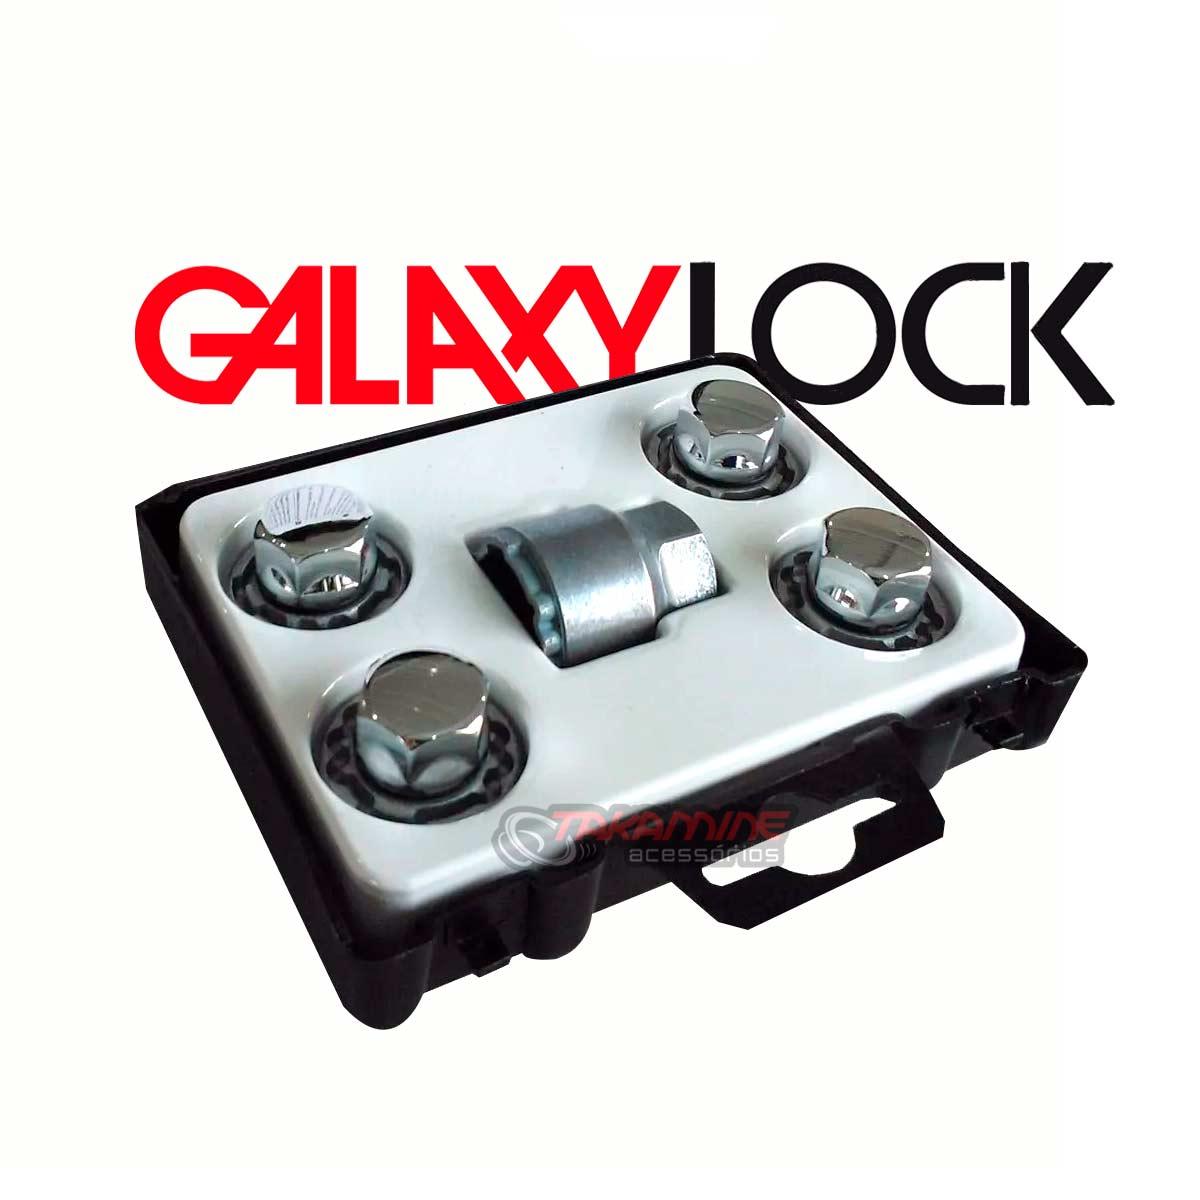 Porca antifurto para rodas Galaxy Lock Hilux 1992 até 2020 (roda de liga) 382/M